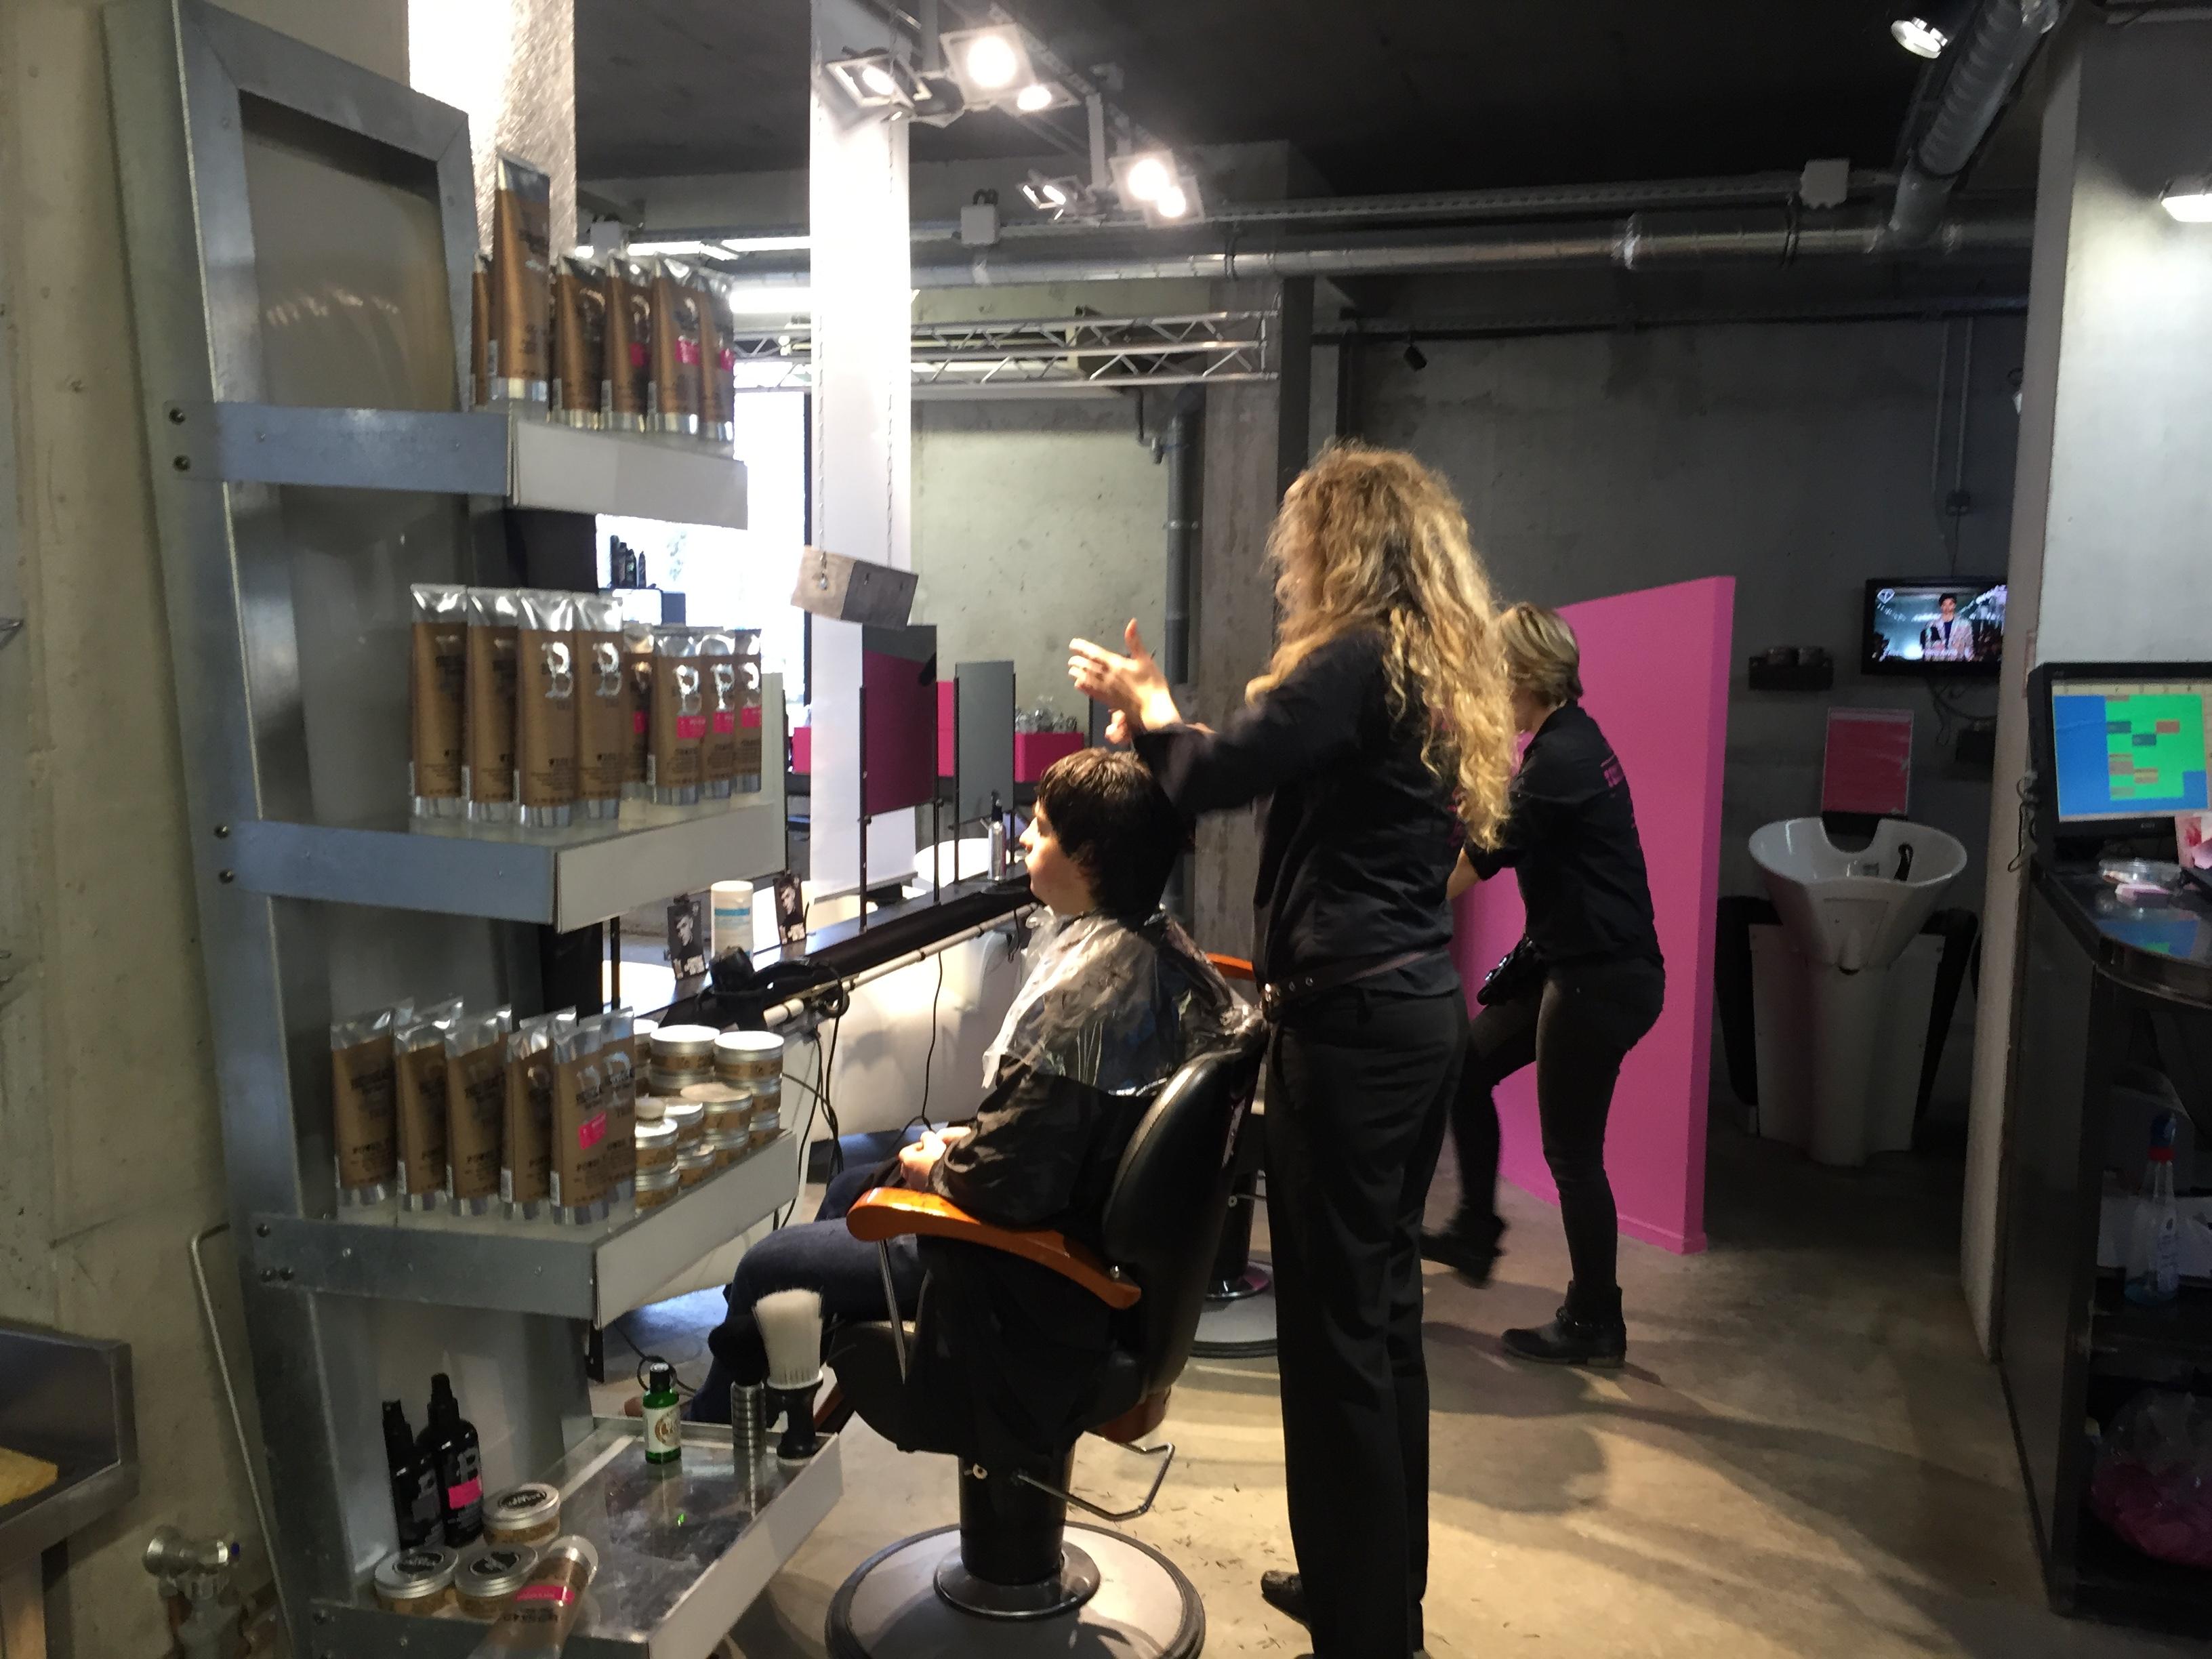 salon de coiffure a st etienne votre nouveau blog l gant la coupe de cheveux. Black Bedroom Furniture Sets. Home Design Ideas